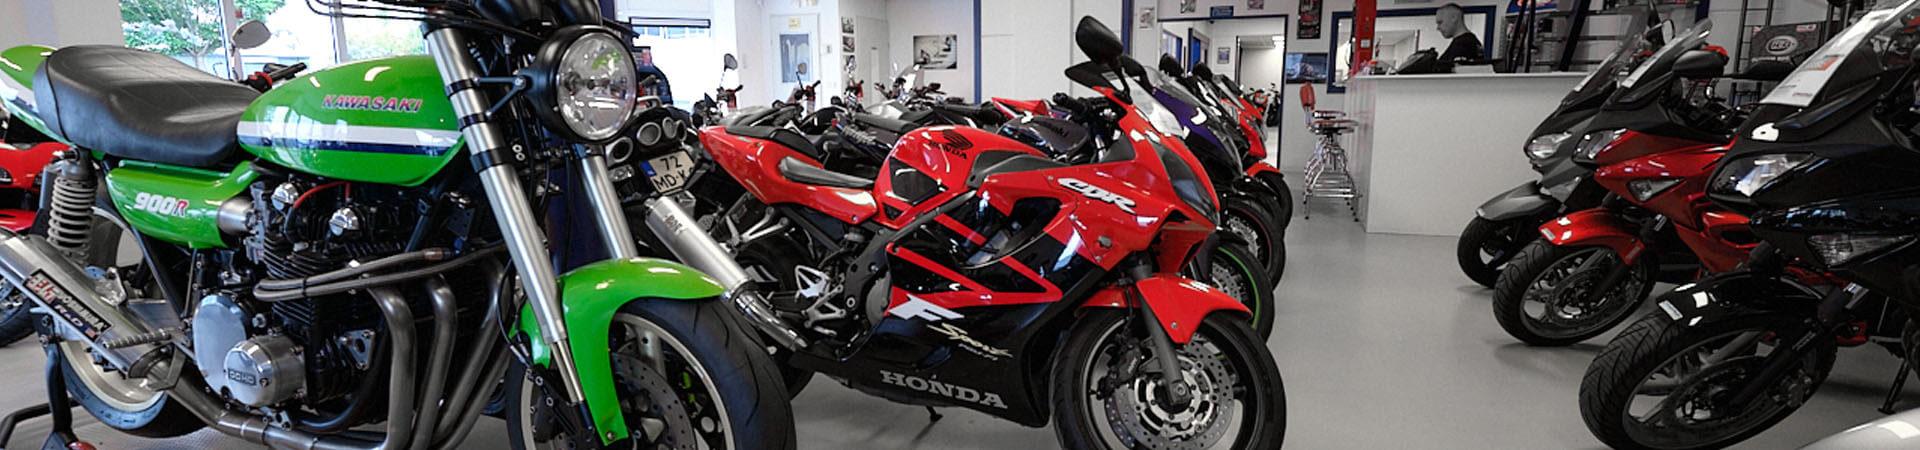 Domburg-motoren-showroom-nieuwkoop